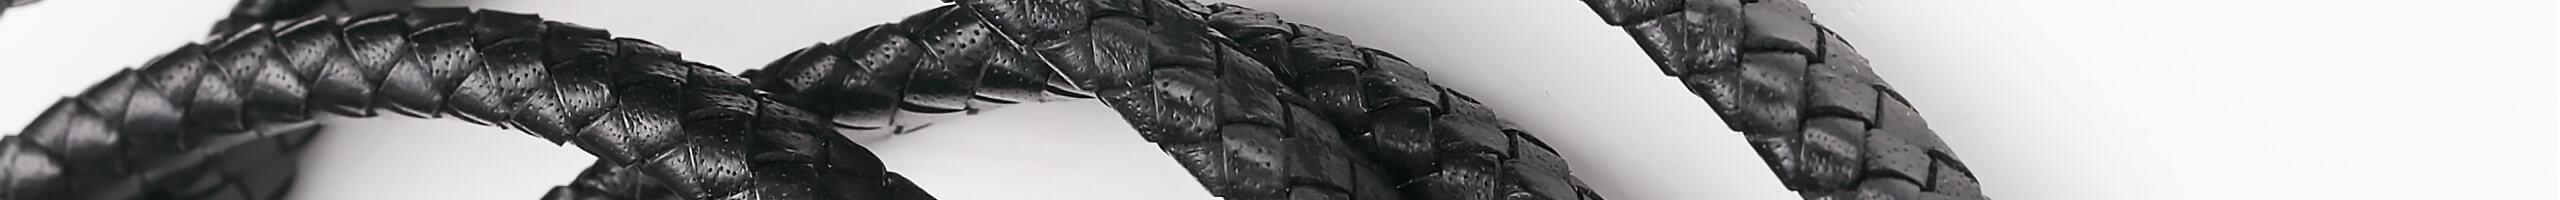 Плетеные шнуры прямоугольной формы из натуральной кожи